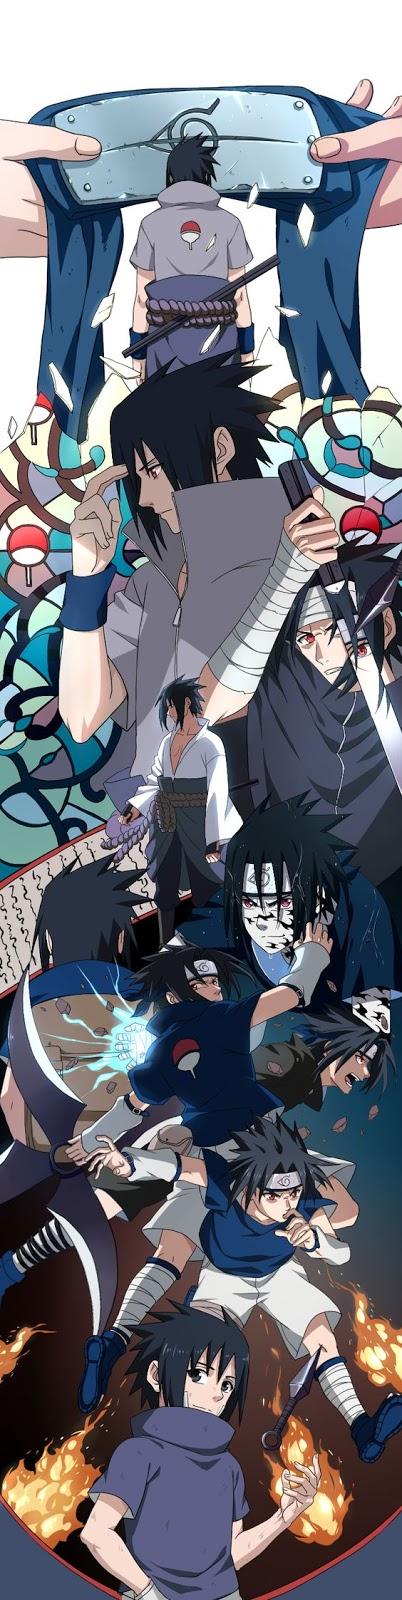 sasuke uchiha fighting style